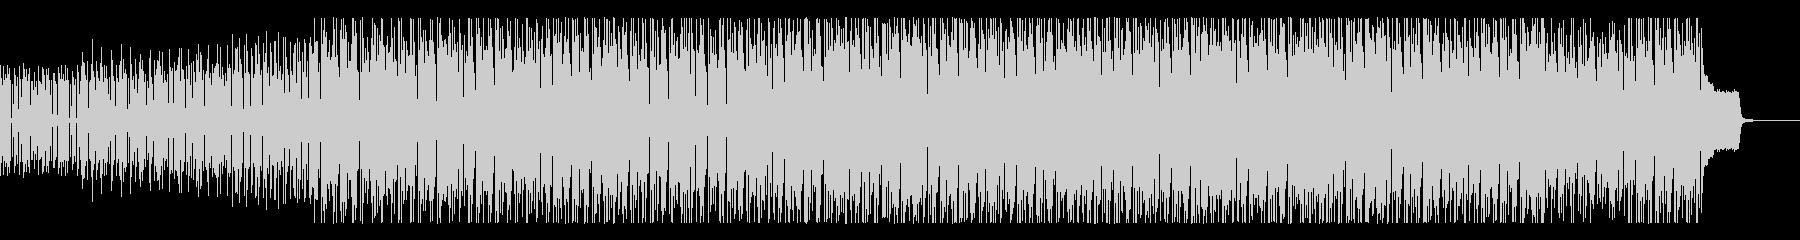 ジャングルのマイナスイオンを感じる曲の未再生の波形